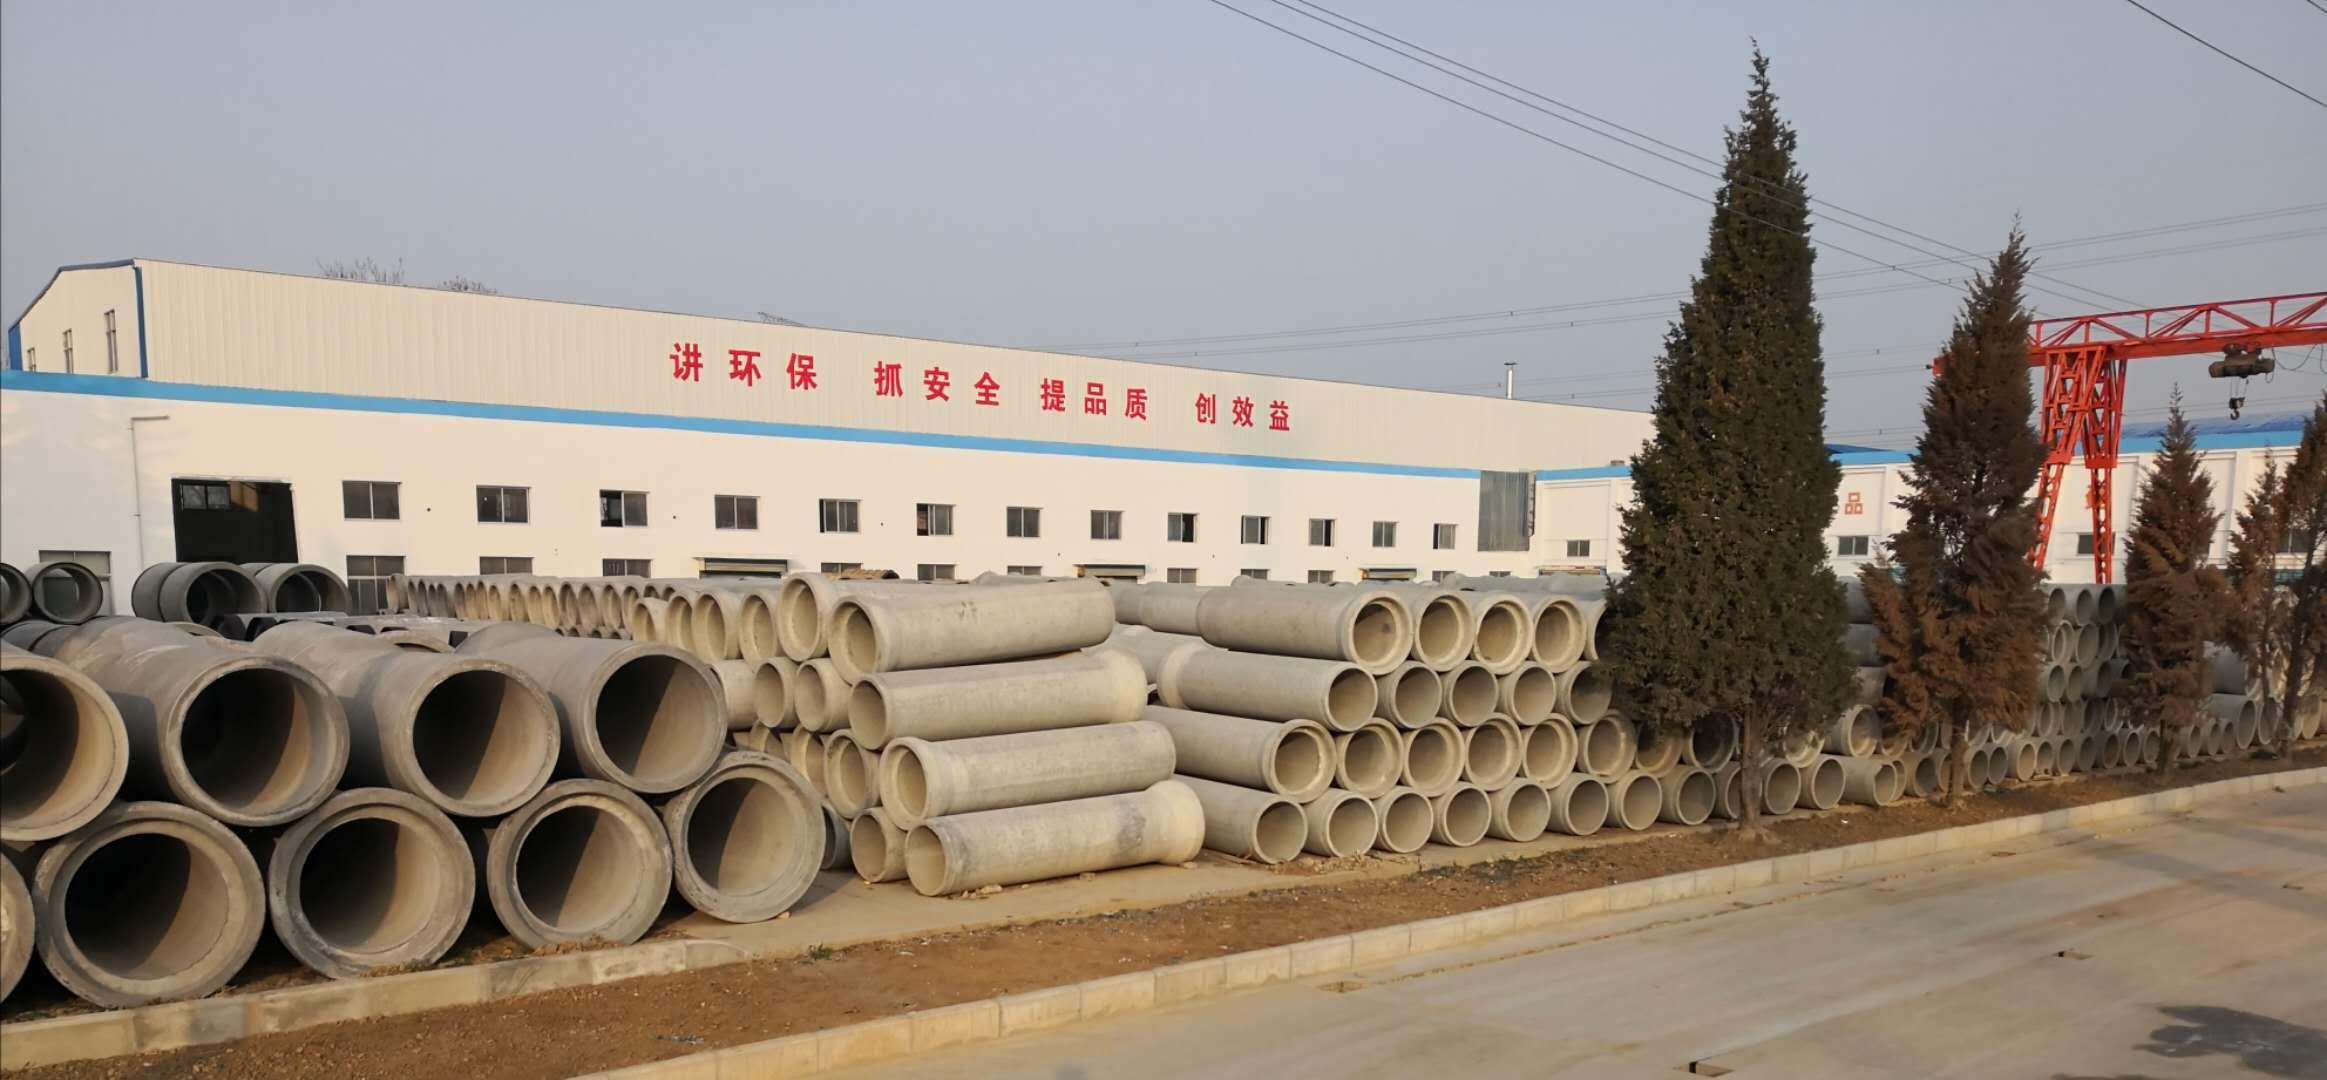 混凝土排水管如何更顺畅地排放污染物